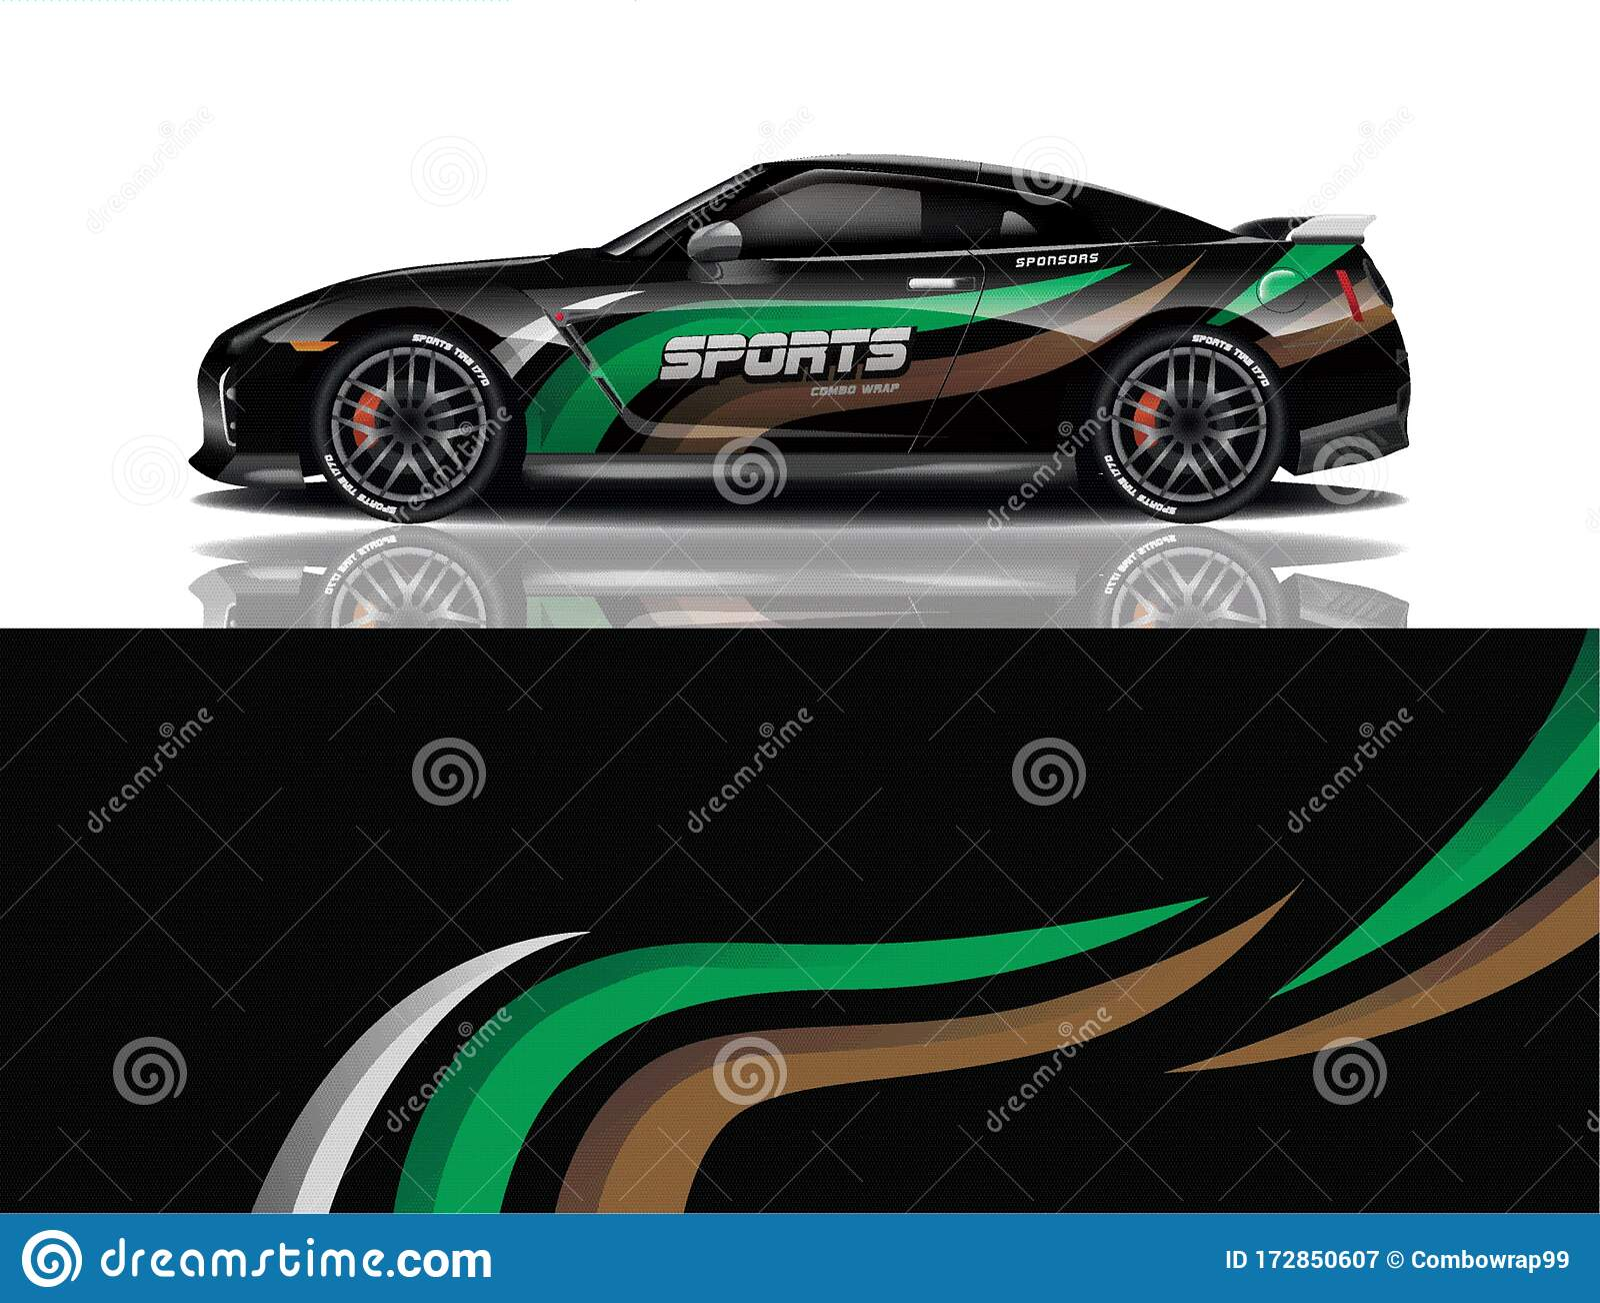 Sport Car Decal Wrap Design Vector Eps 10 Stock Illustration Illustration Of Mockup Color 172850607